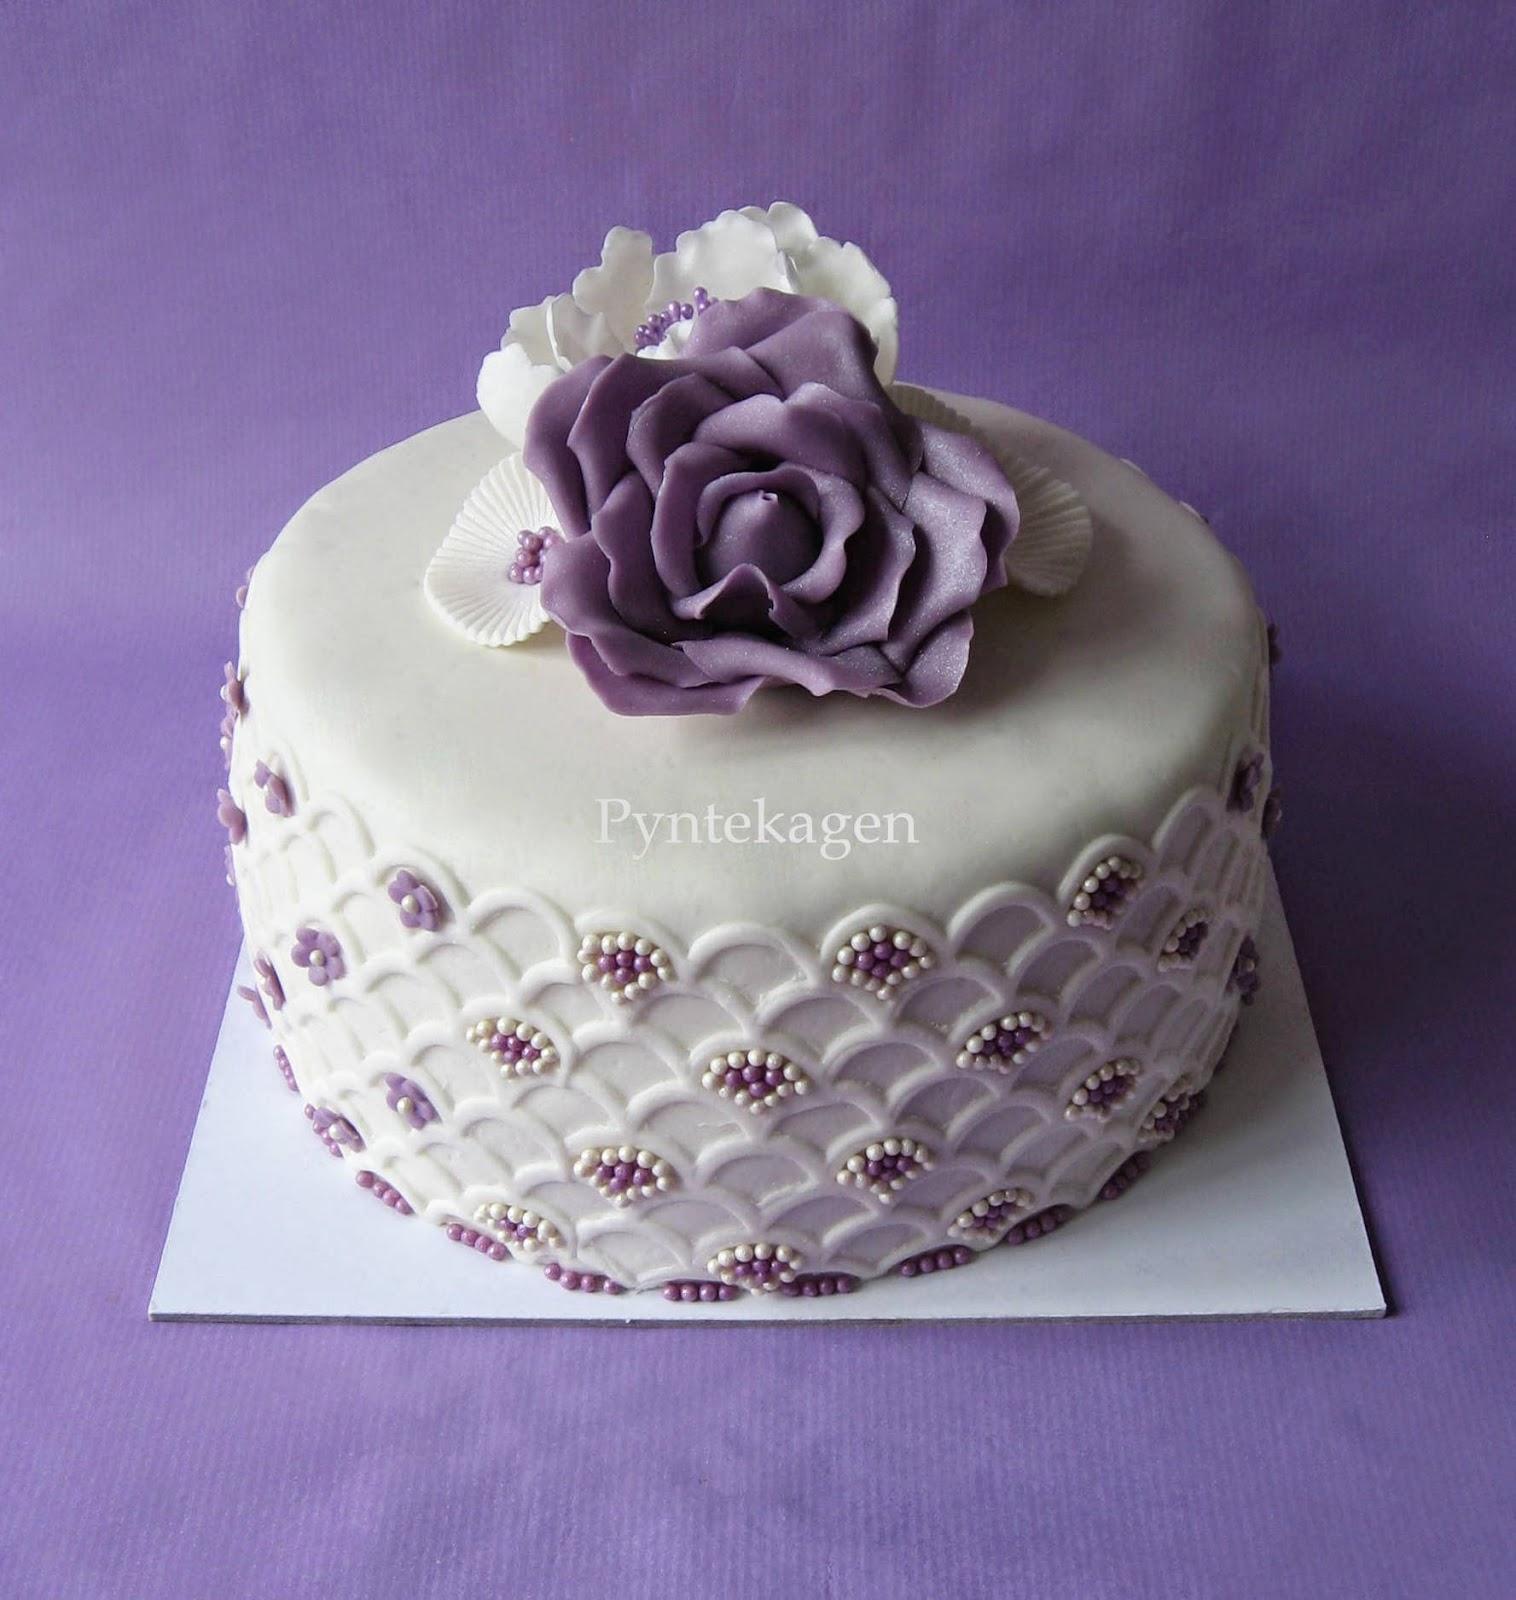 fondant kage med blomster